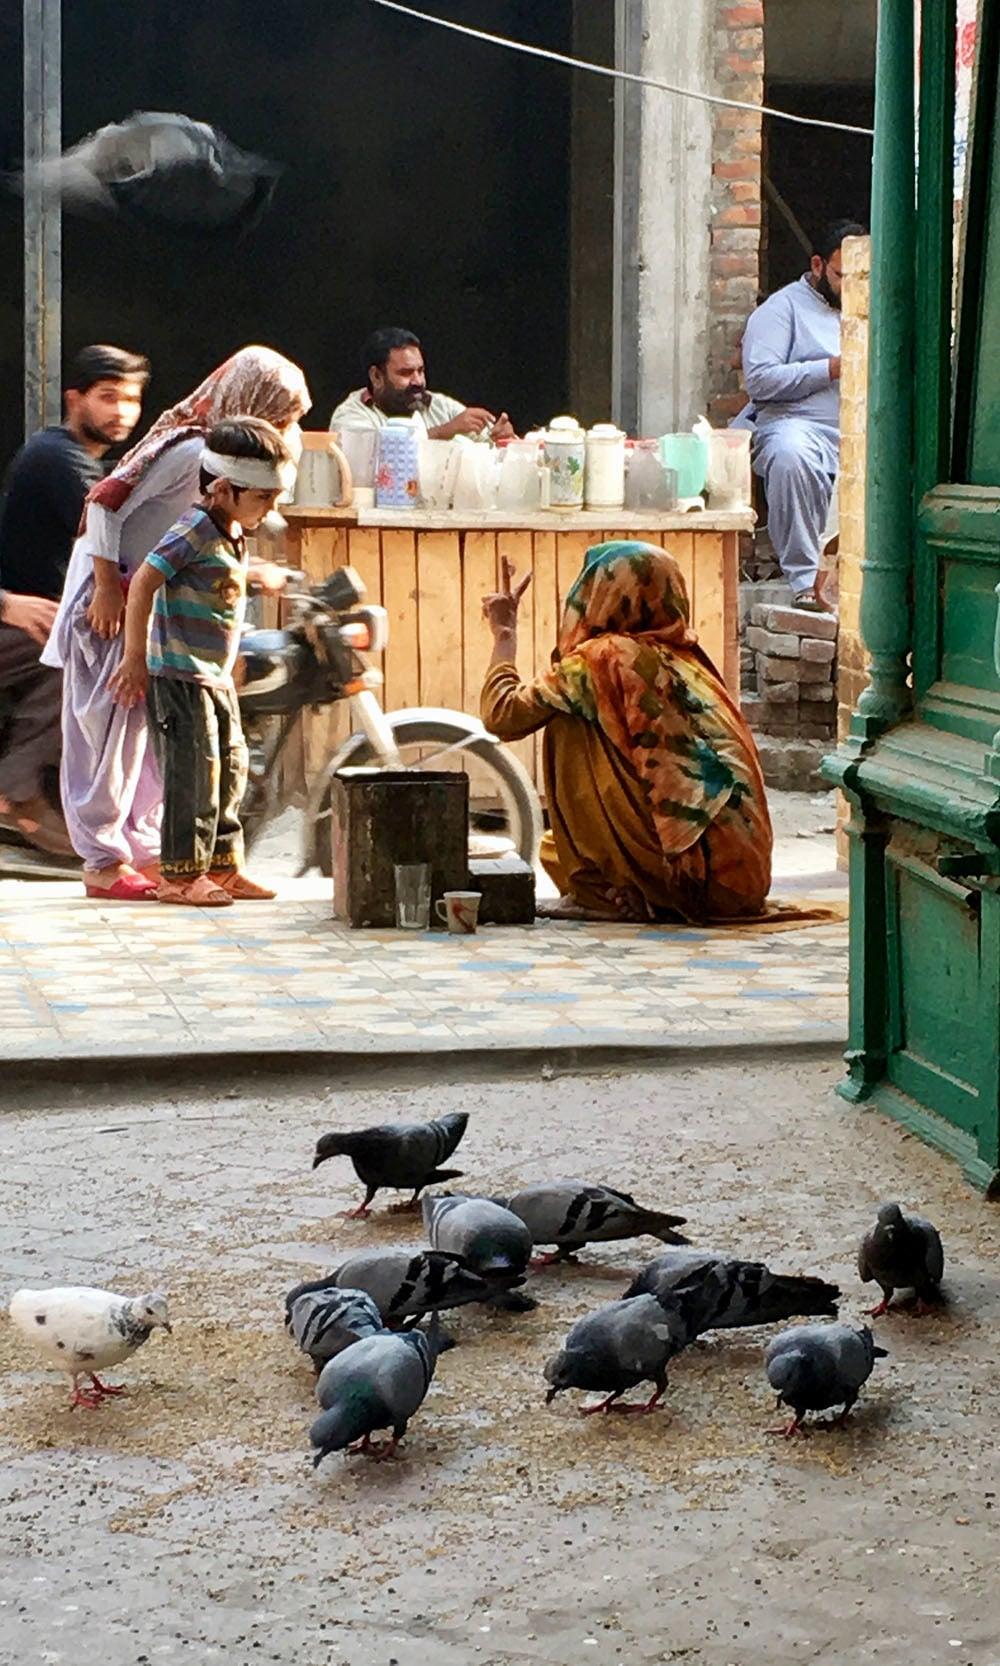 Street scene near Haram Gate